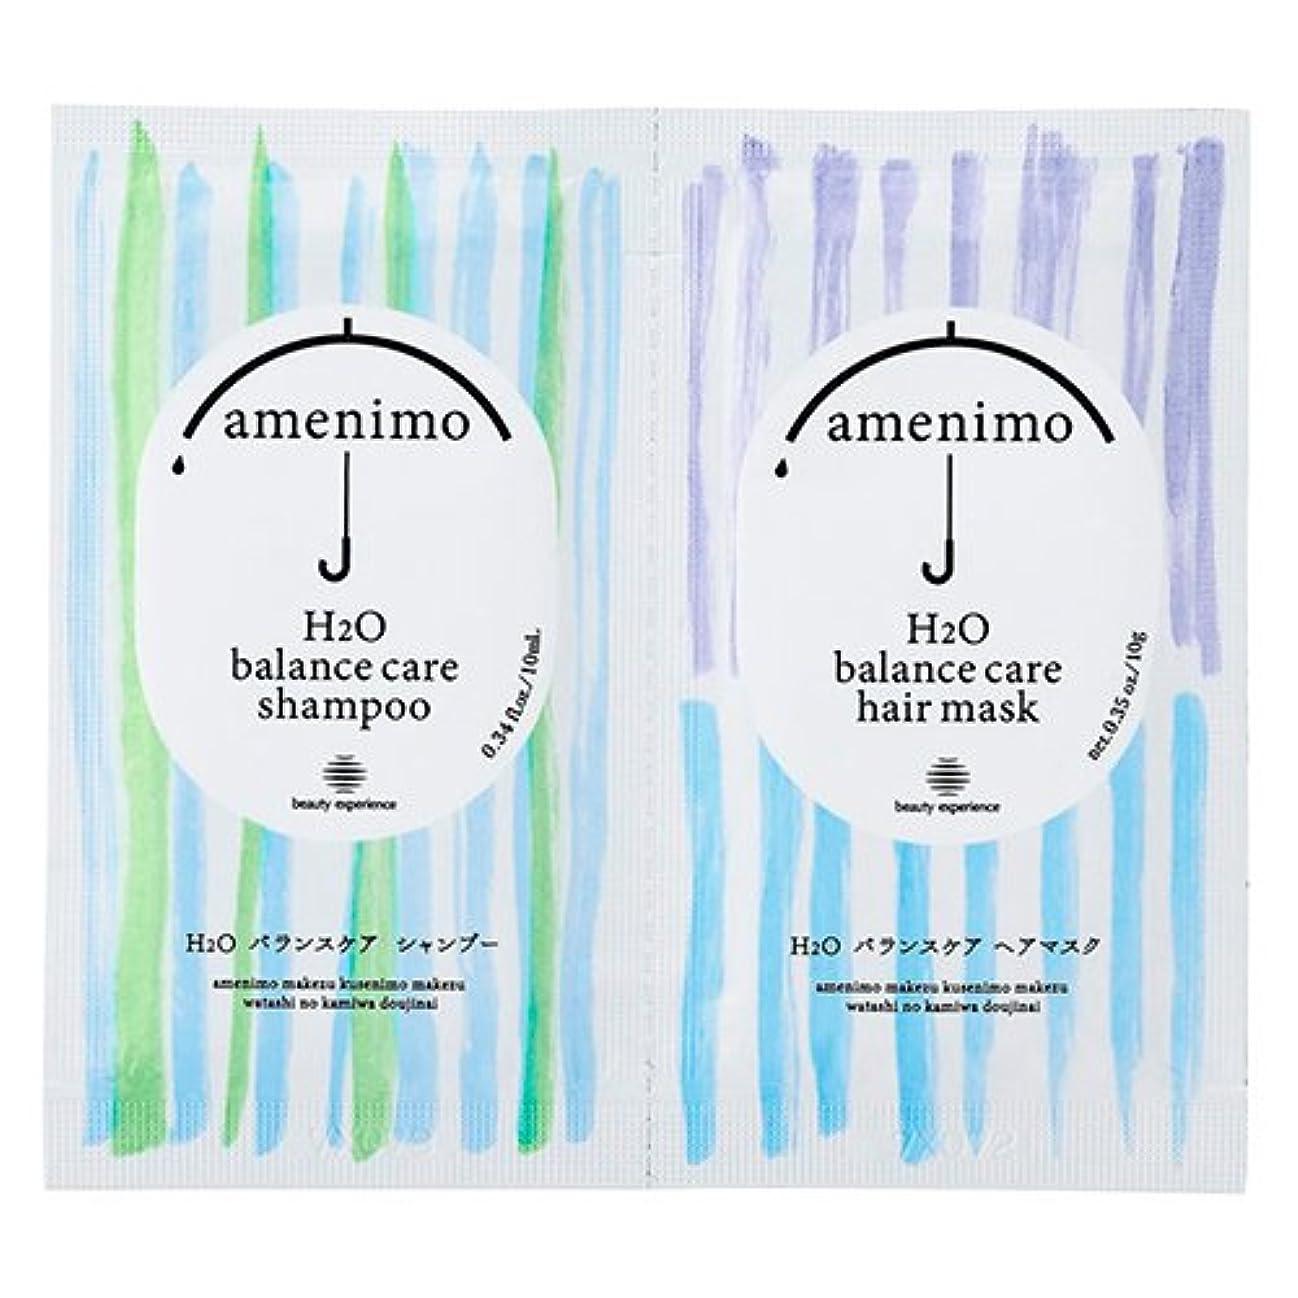 ドアゆるい教室amenimo(アメニモ) H2O バランスケア シャンプー&ヘアマスク 1dayお試し 10mL+10g